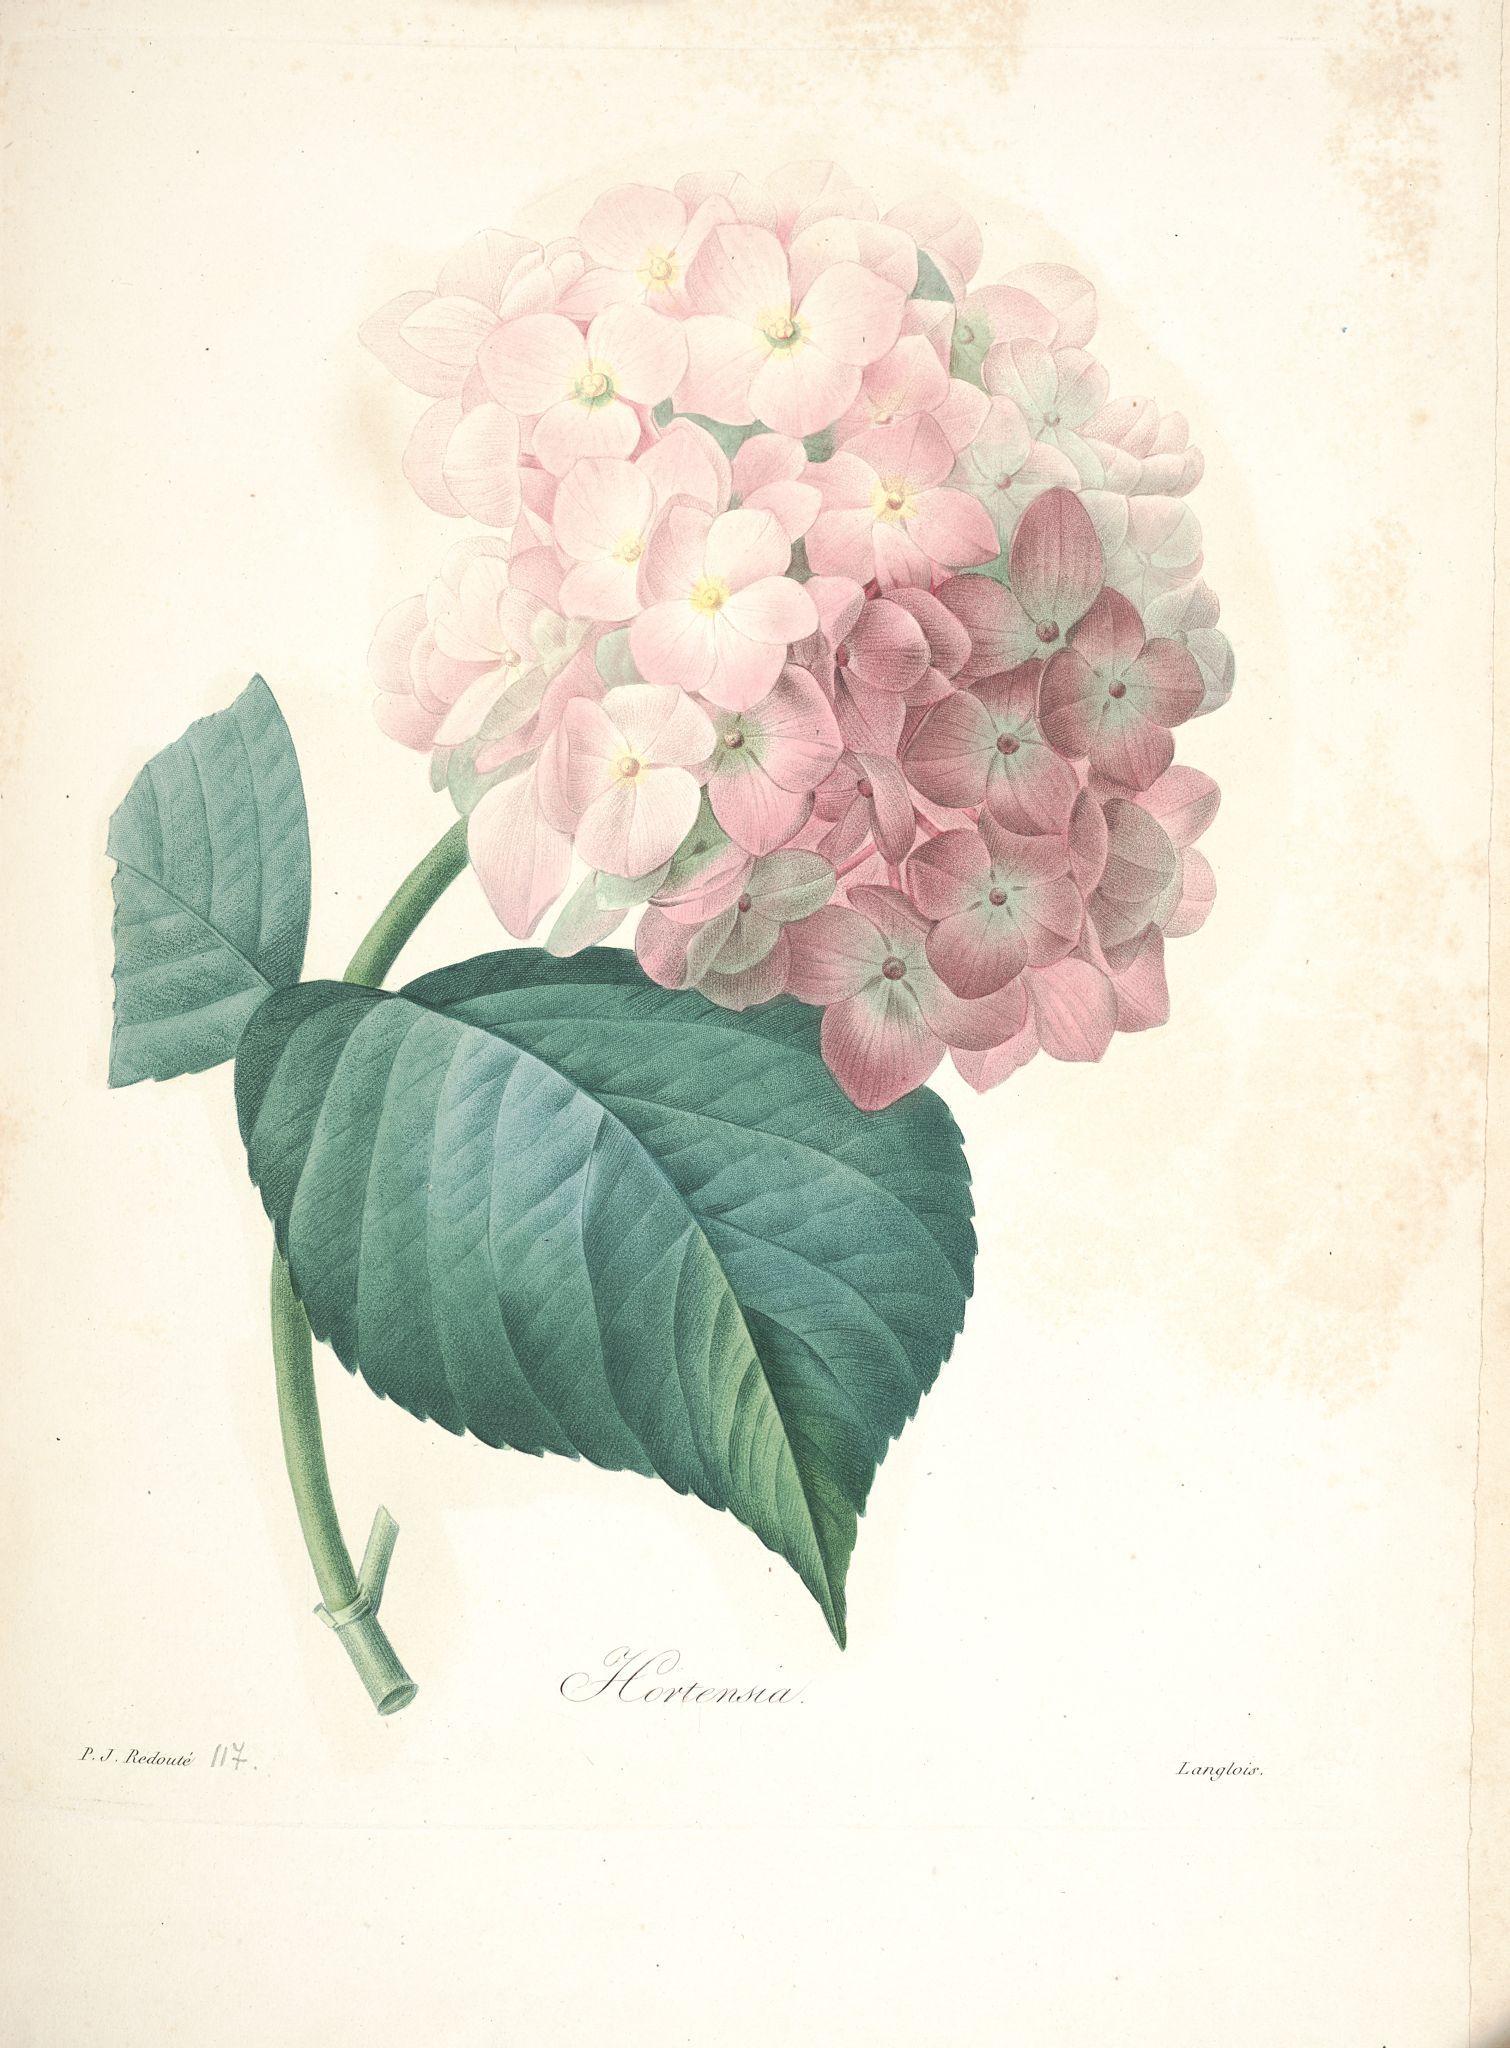 Gravures De Fleurs Par Redoute Gravures De Fleurs Par Redoute 142